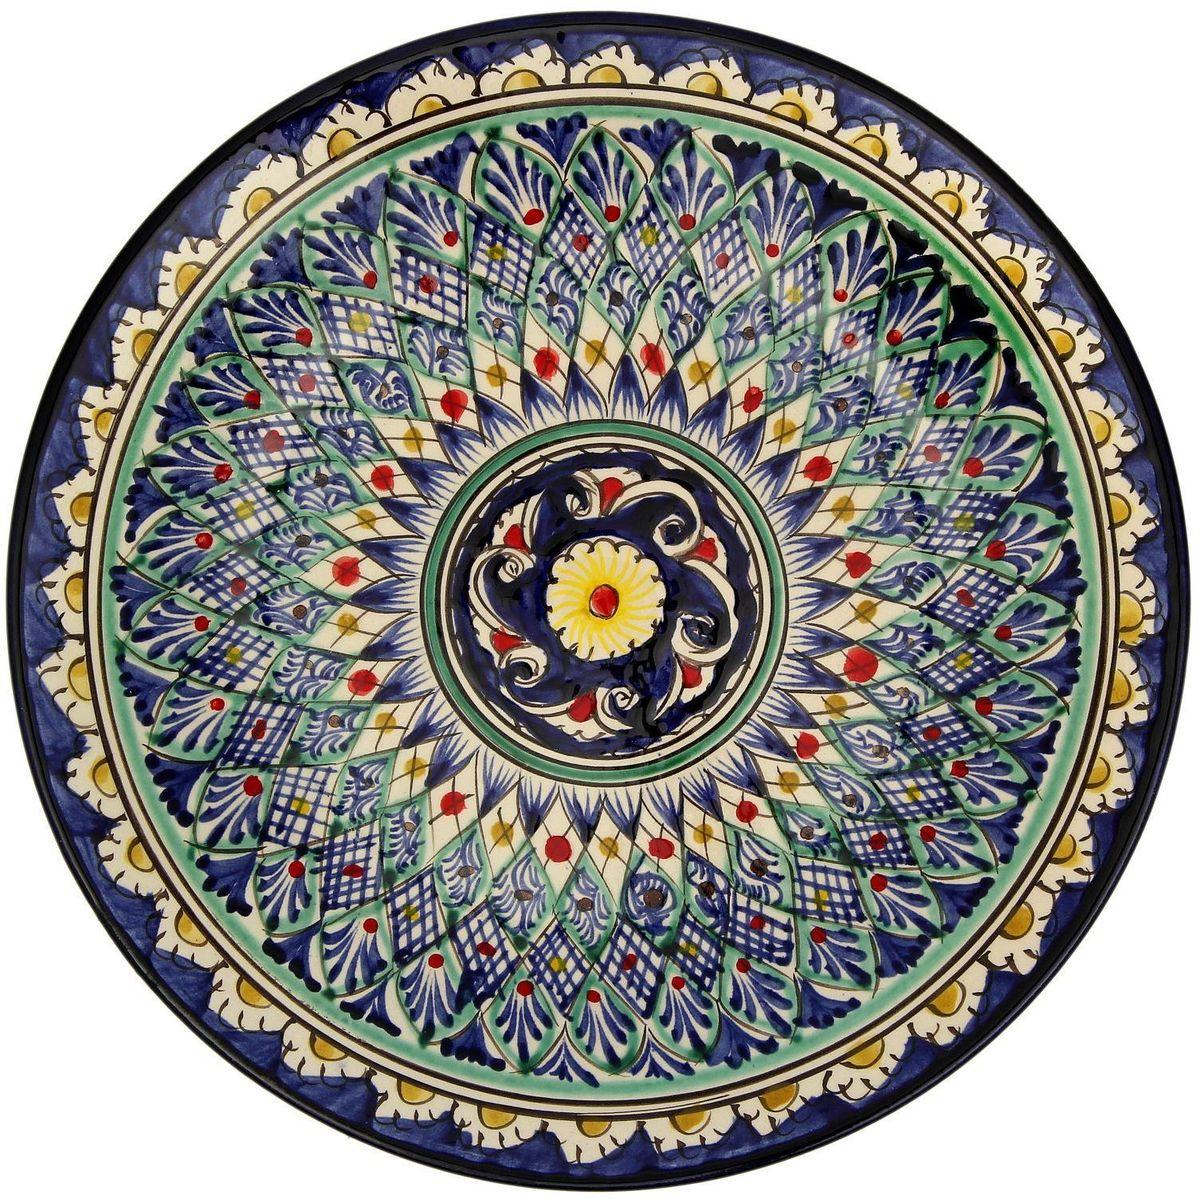 Тарелка Риштанская керамика, диаметр 27 см. 21580022158002Узбекская посуда известна всему миру уже более тысячи лет. Ей любовались царские особы, на ней подавали еду шейхам и знатным персонам. Формула глазури передаётся из поколения в поколение. По сей день качественные изделия продолжают восхищать своей идеальной формой.Данный предмет подойдёт для повседневной и праздничной сервировки. Дополните стол текстилем и салфетками в тон, чтобы получить элегантное убранство с яркими акцентами.